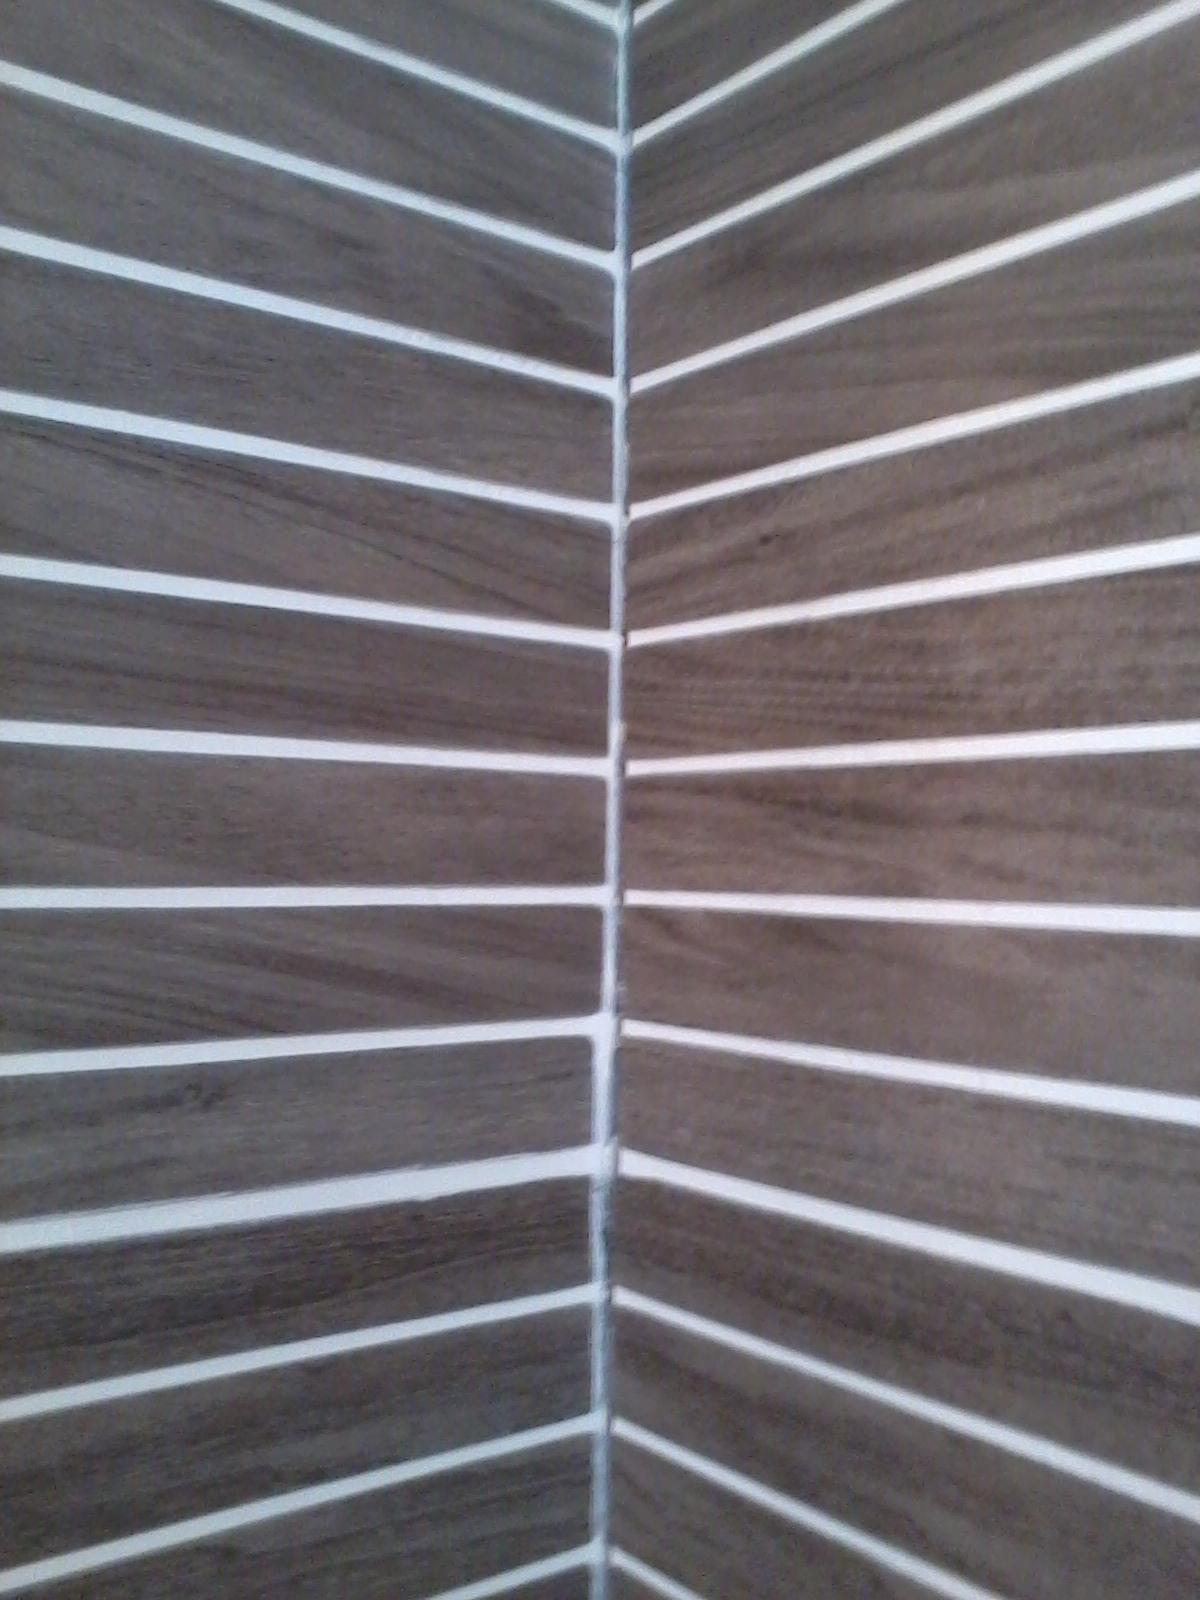 baguette angle rentrant carrelage elegant comment r nover ses joints de carrelage leroy merlin. Black Bedroom Furniture Sets. Home Design Ideas